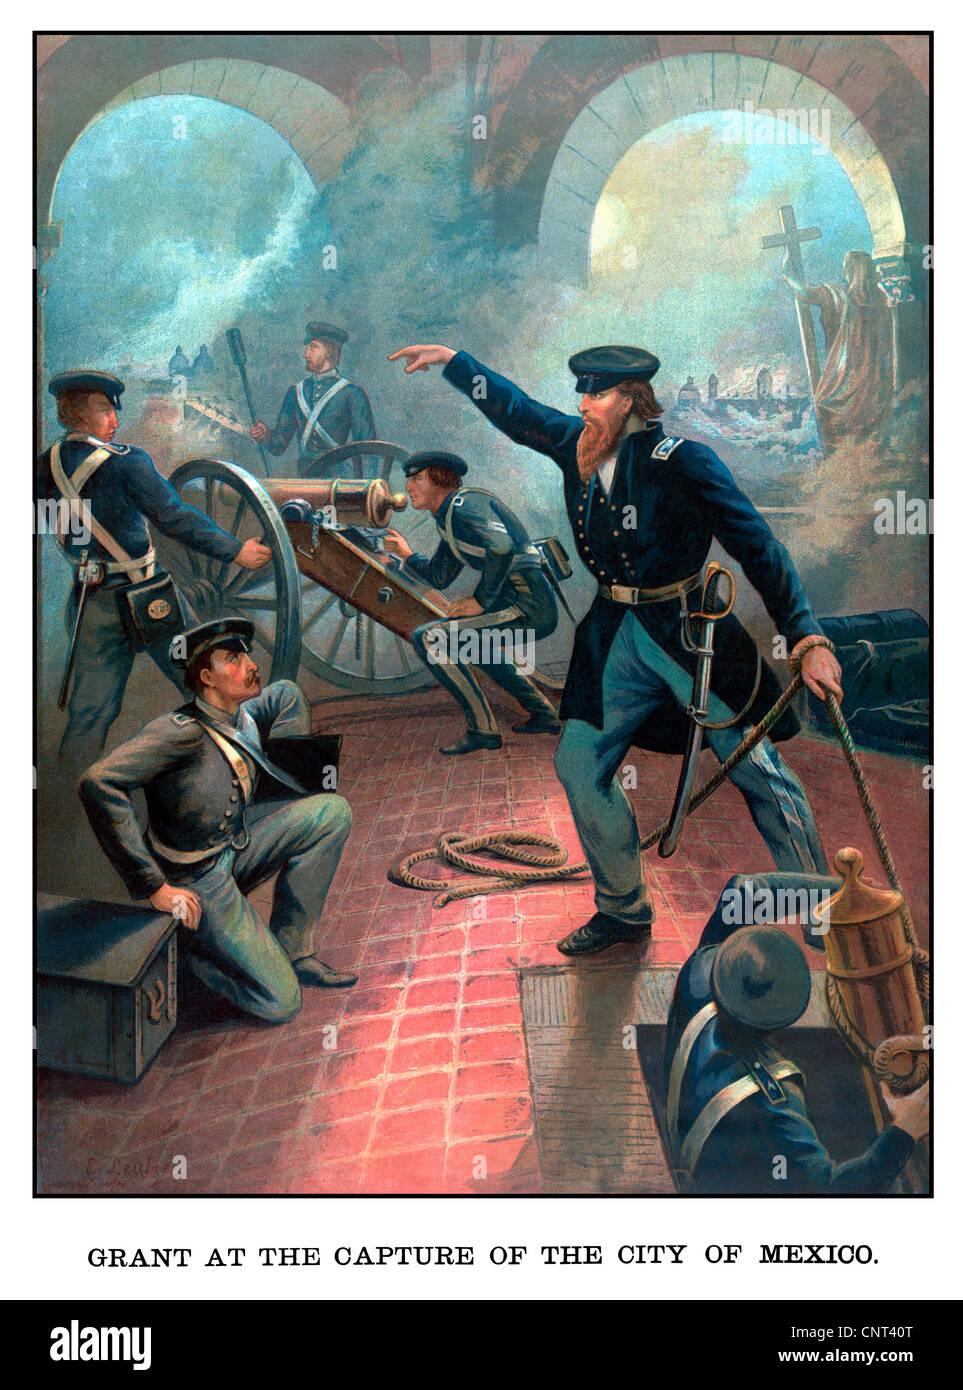 Vintage American History Poster von Ulysses S. Grant Truppen während des mexikanischen amerikanischen Krieges kommandierte. Stockfoto